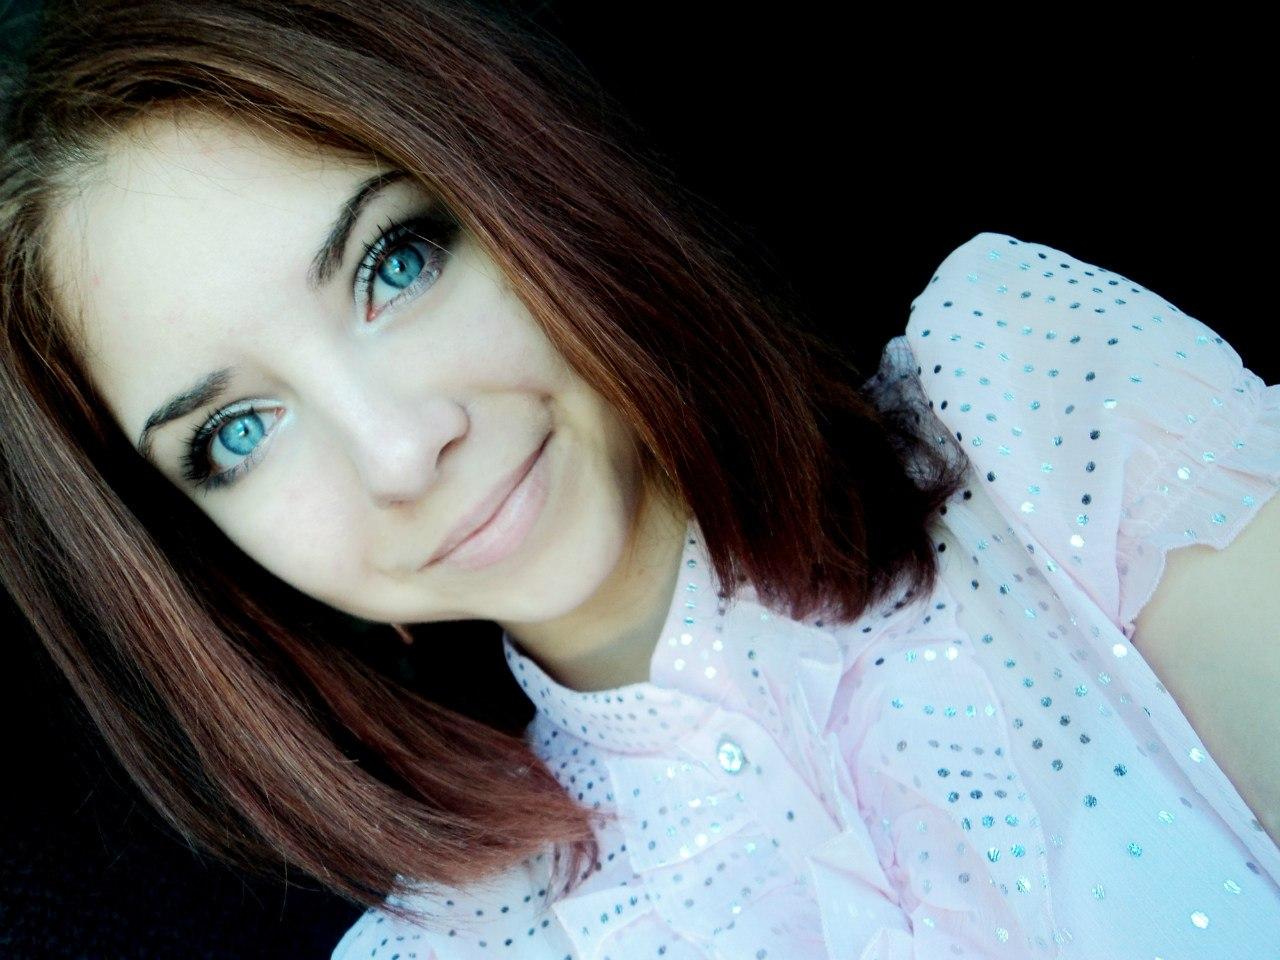 Самые красивые девушки вконтакте 15 фотография